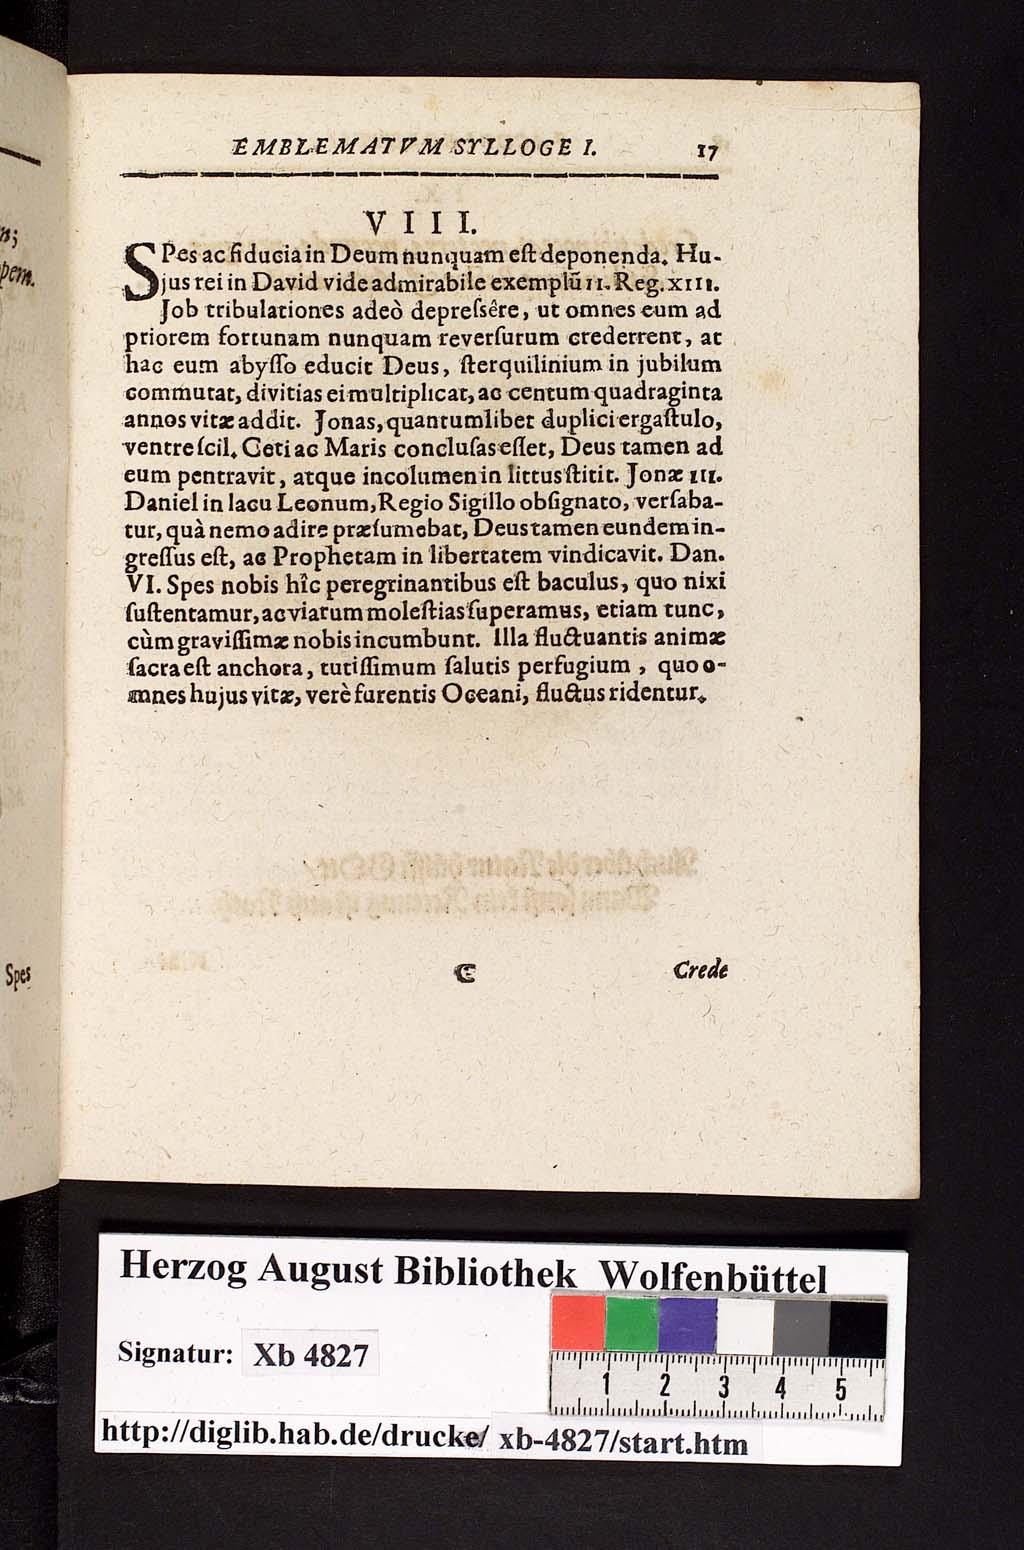 http://diglib.hab.de/drucke/xb-4827/00020.jpg